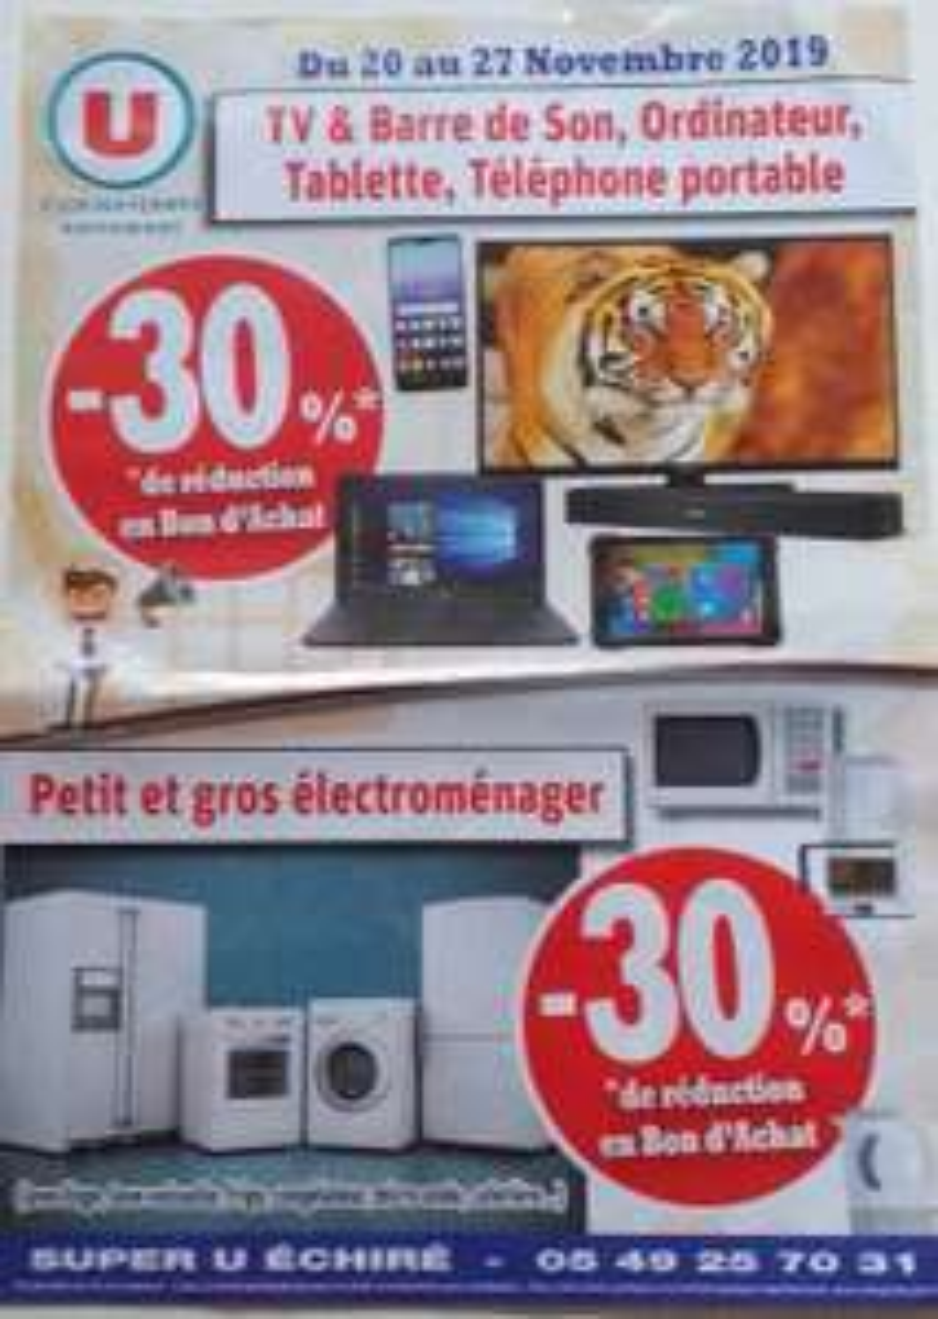 30 % en bons d'achat sur TV, ordinateurs, téléphones portables, petit et gros électro-ménager (Echiré 79)